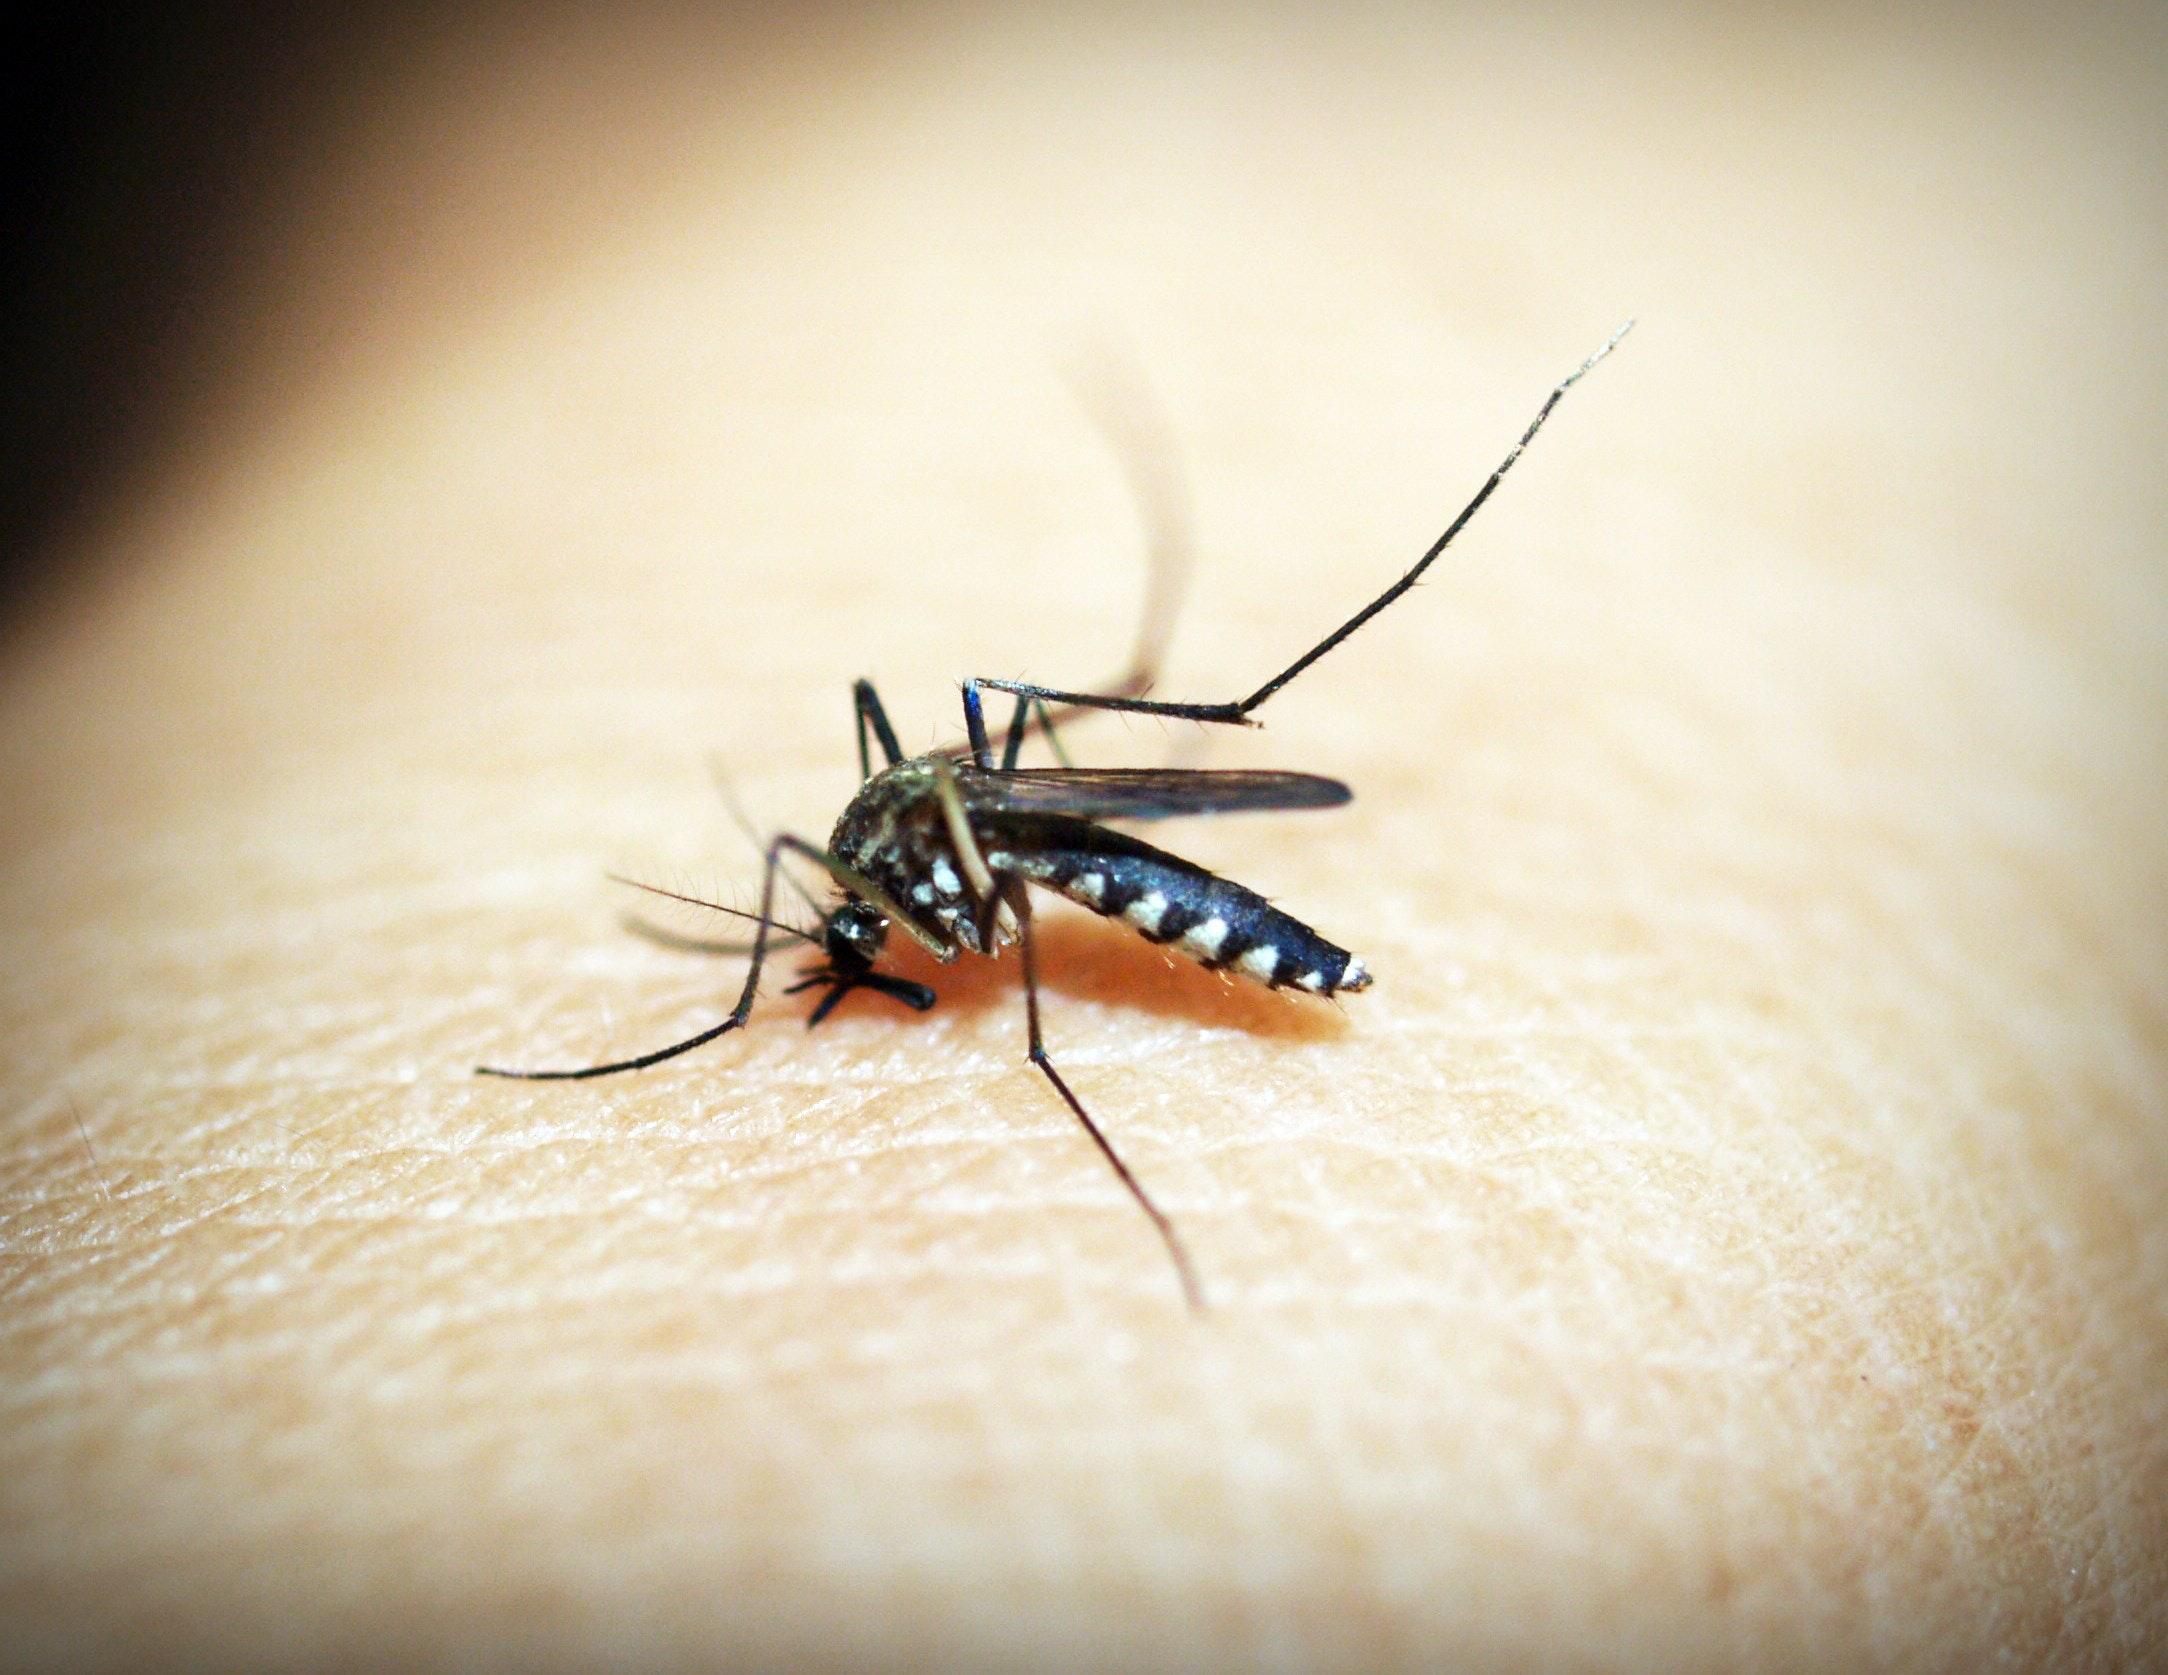 Zika virus awareness